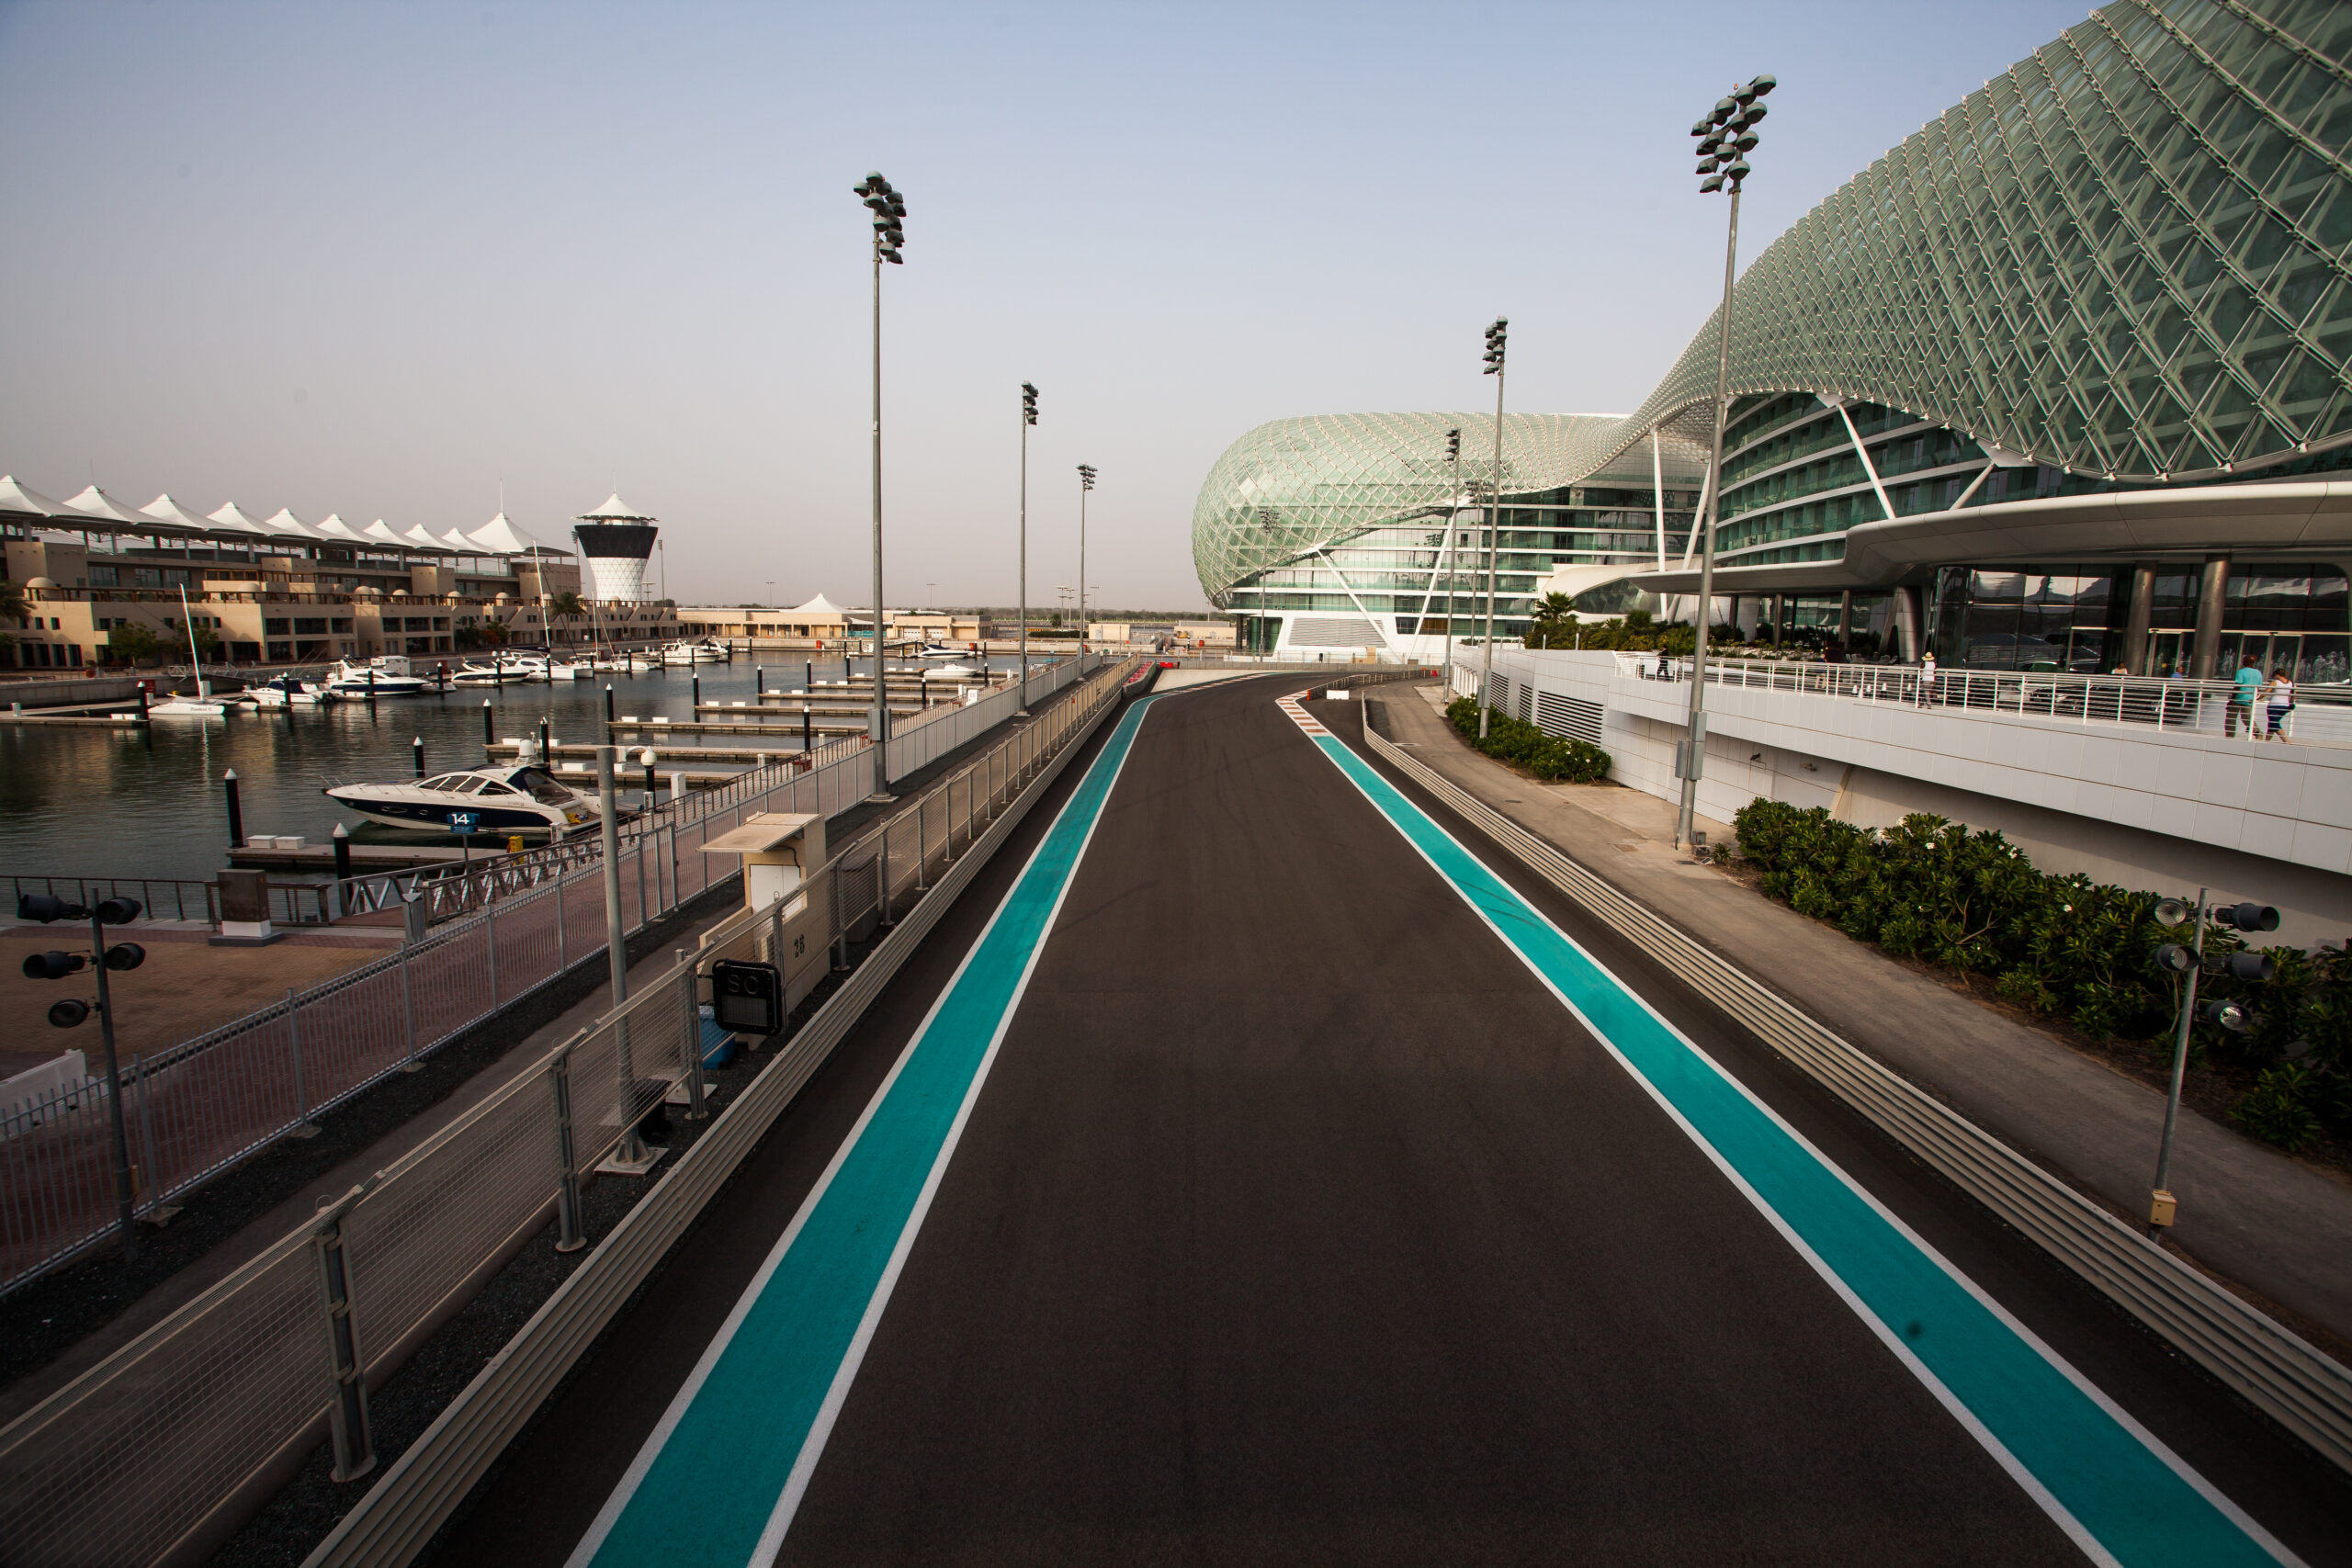 Uma das pistas utilizadas na Fórmula 1.